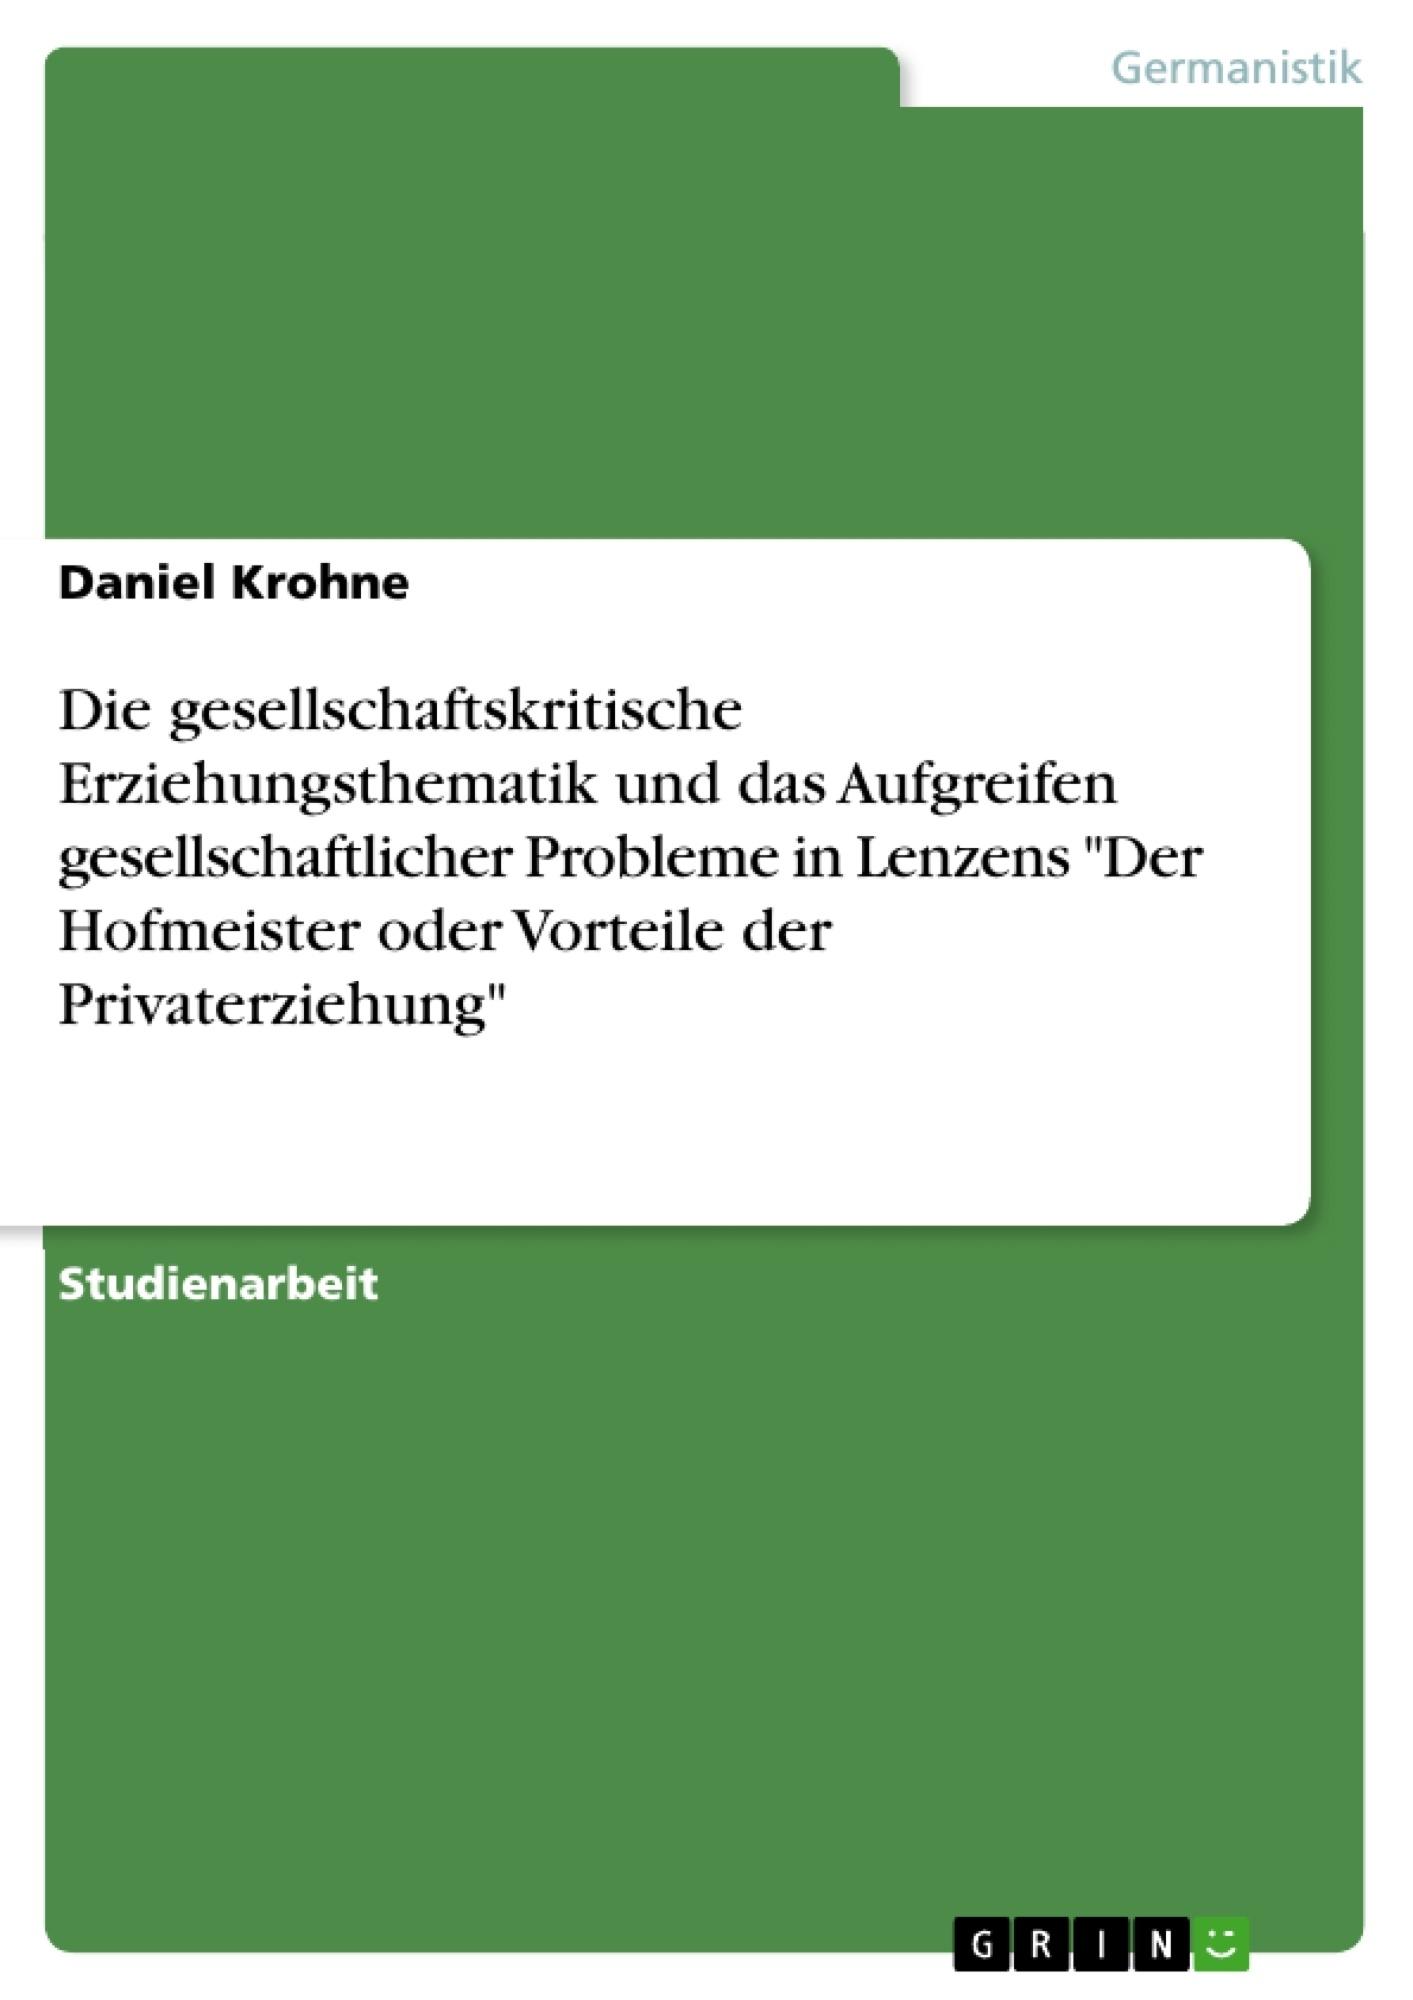 """Titel: Die gesellschaftskritische Erziehungsthematik und das Aufgreifen gesellschaftlicher Probleme in Lenzens """"Der Hofmeister oder Vorteile der Privaterziehung"""""""